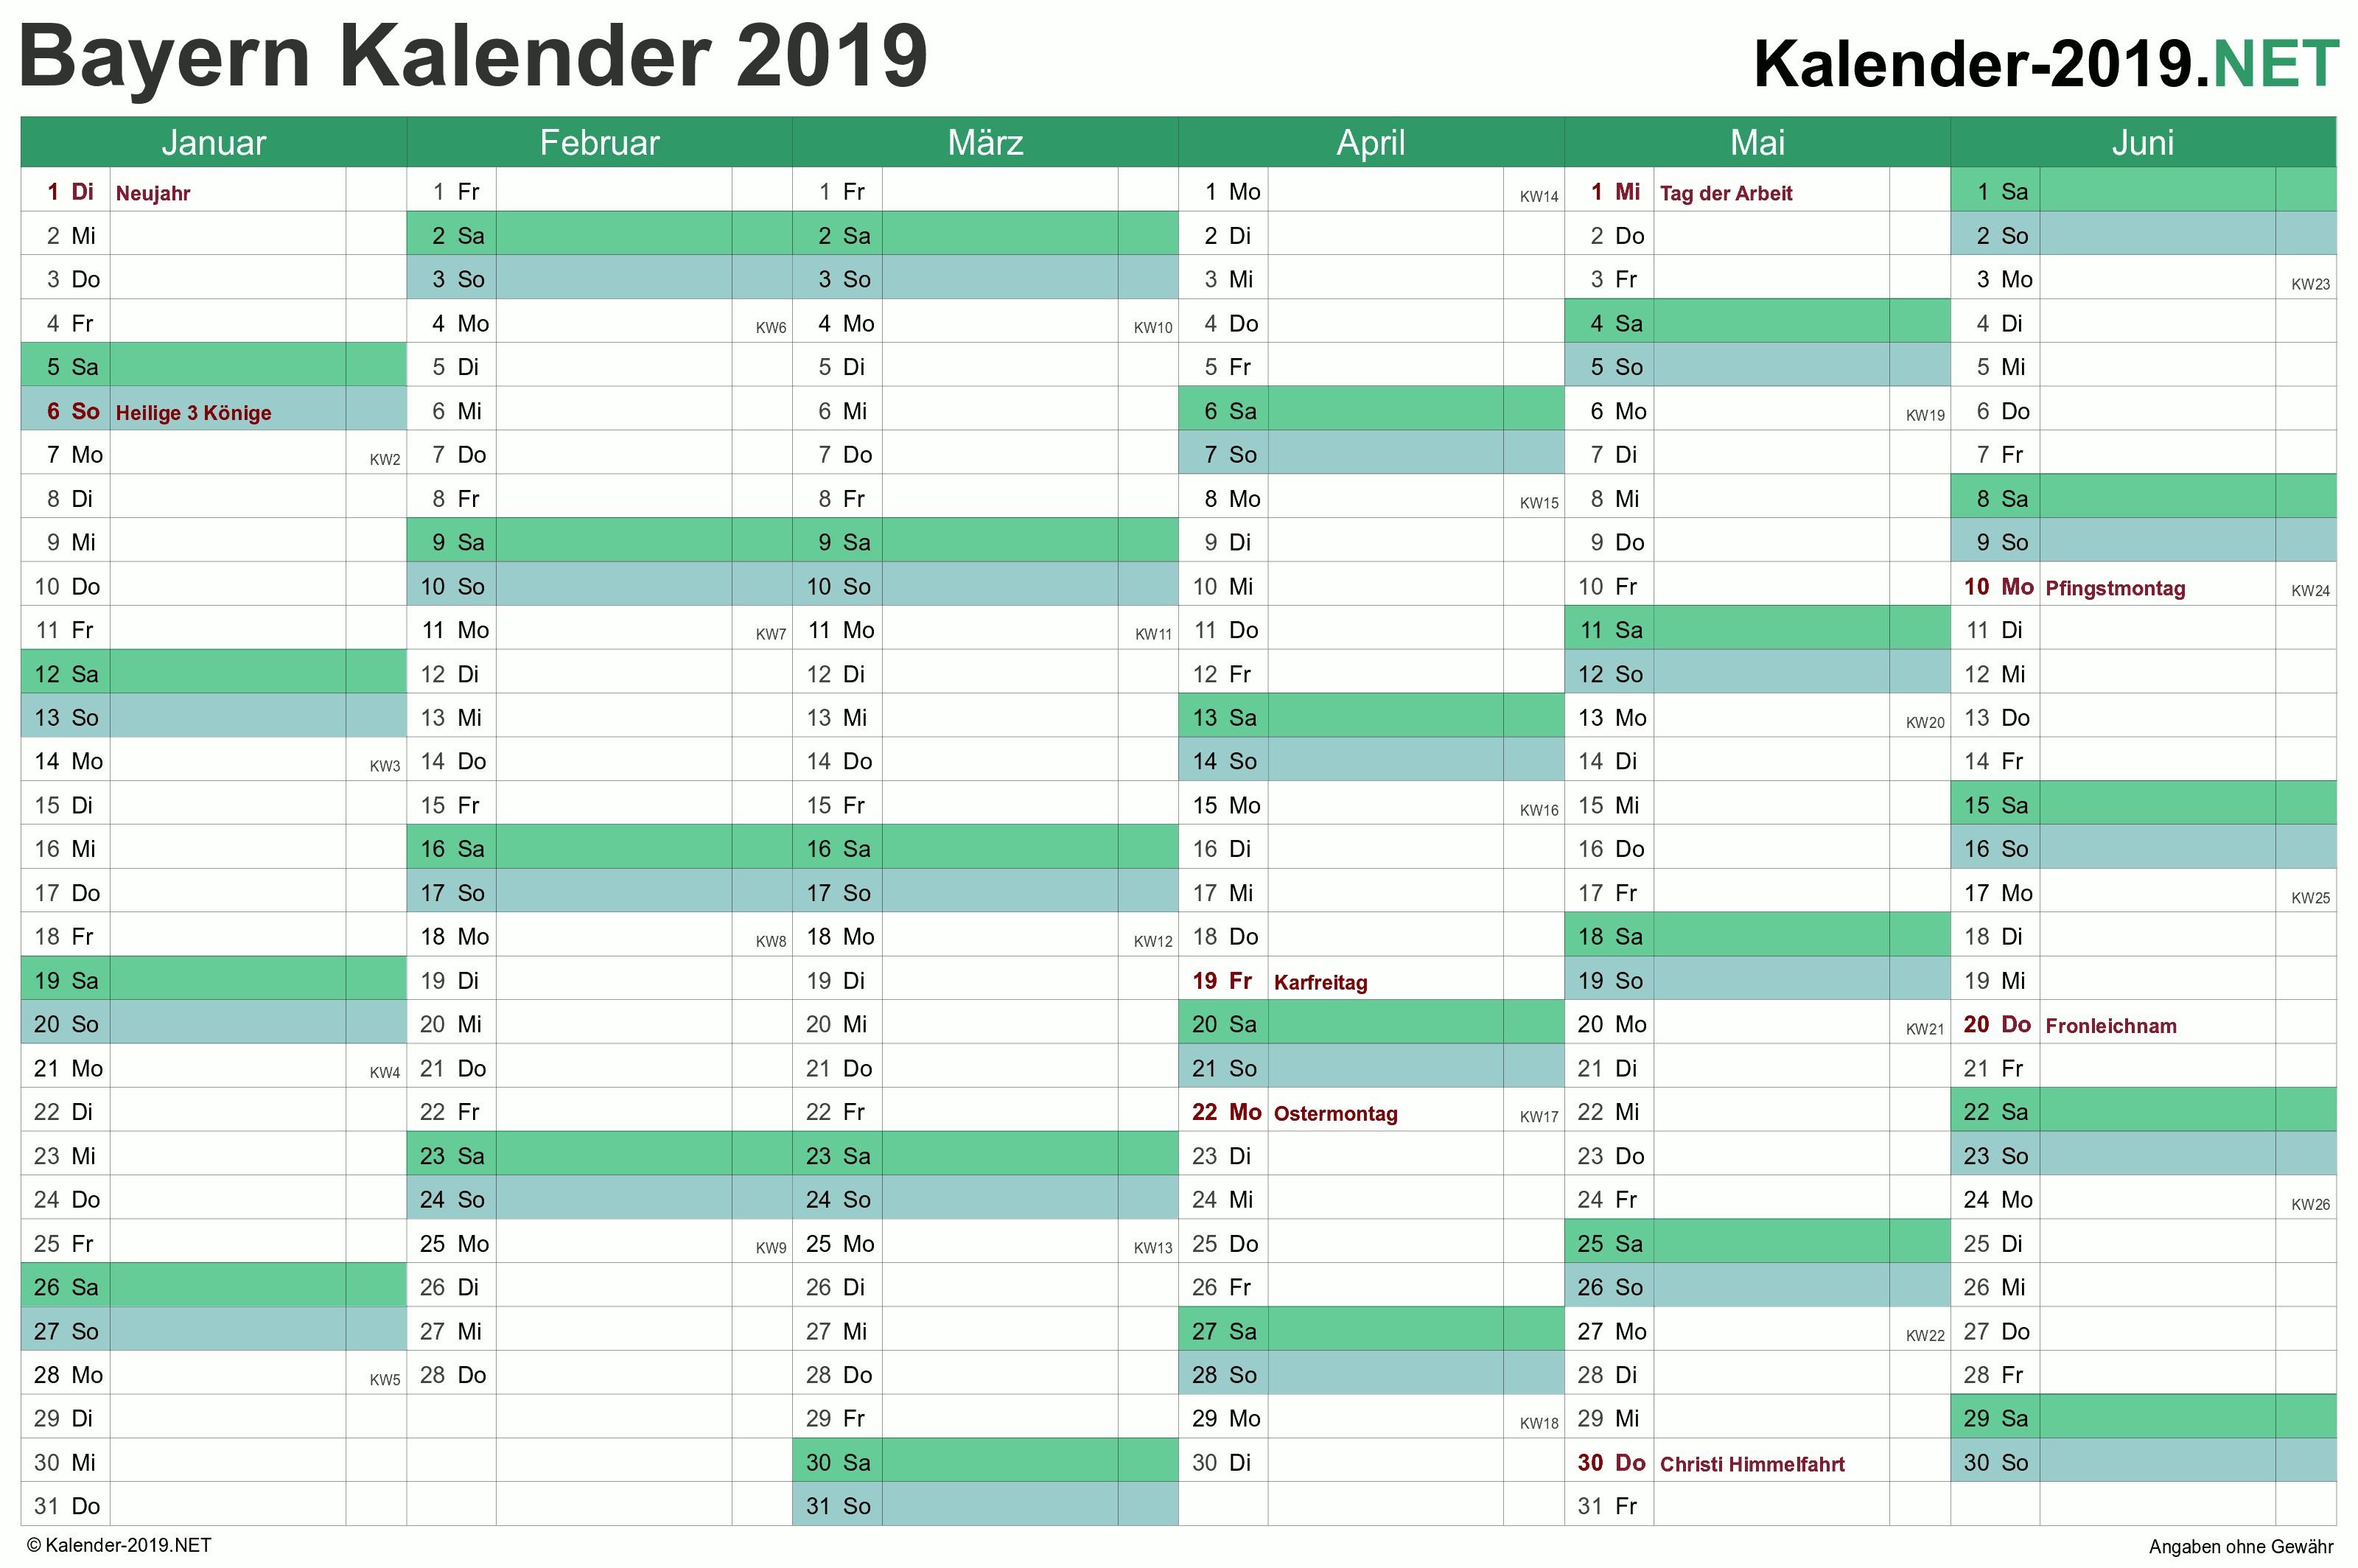 Kalender 2019 Pdf Hd Mejores Y Más Novedosos Kalender 2019 Bayern Ferien Und Feiertage tolle Leere Bayern Ferien Of Kalender 2019 Pdf Hd Recientes 25 Schön Weihnachten Feiertage Foto